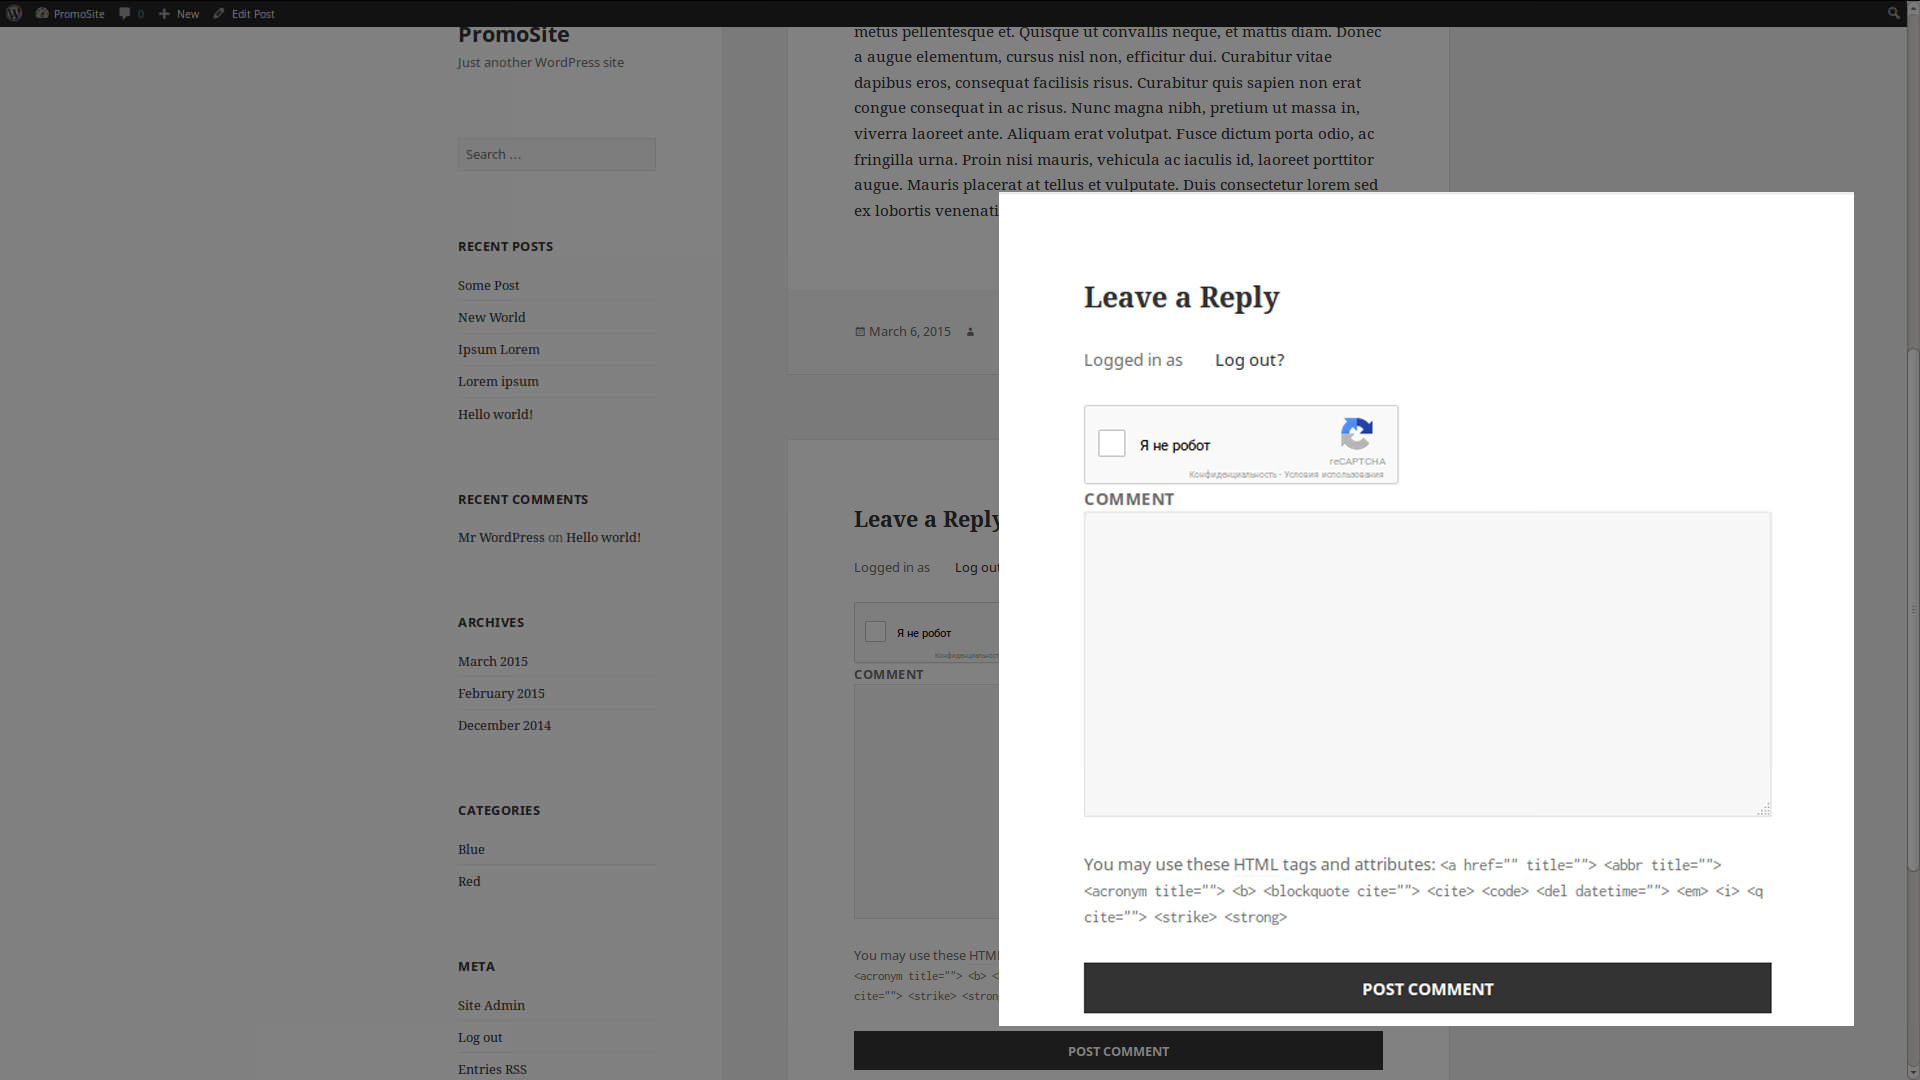 Google Captcha (reCAPTCHA) by BestWebSoft — надежная каптча для защиты блога от ботов